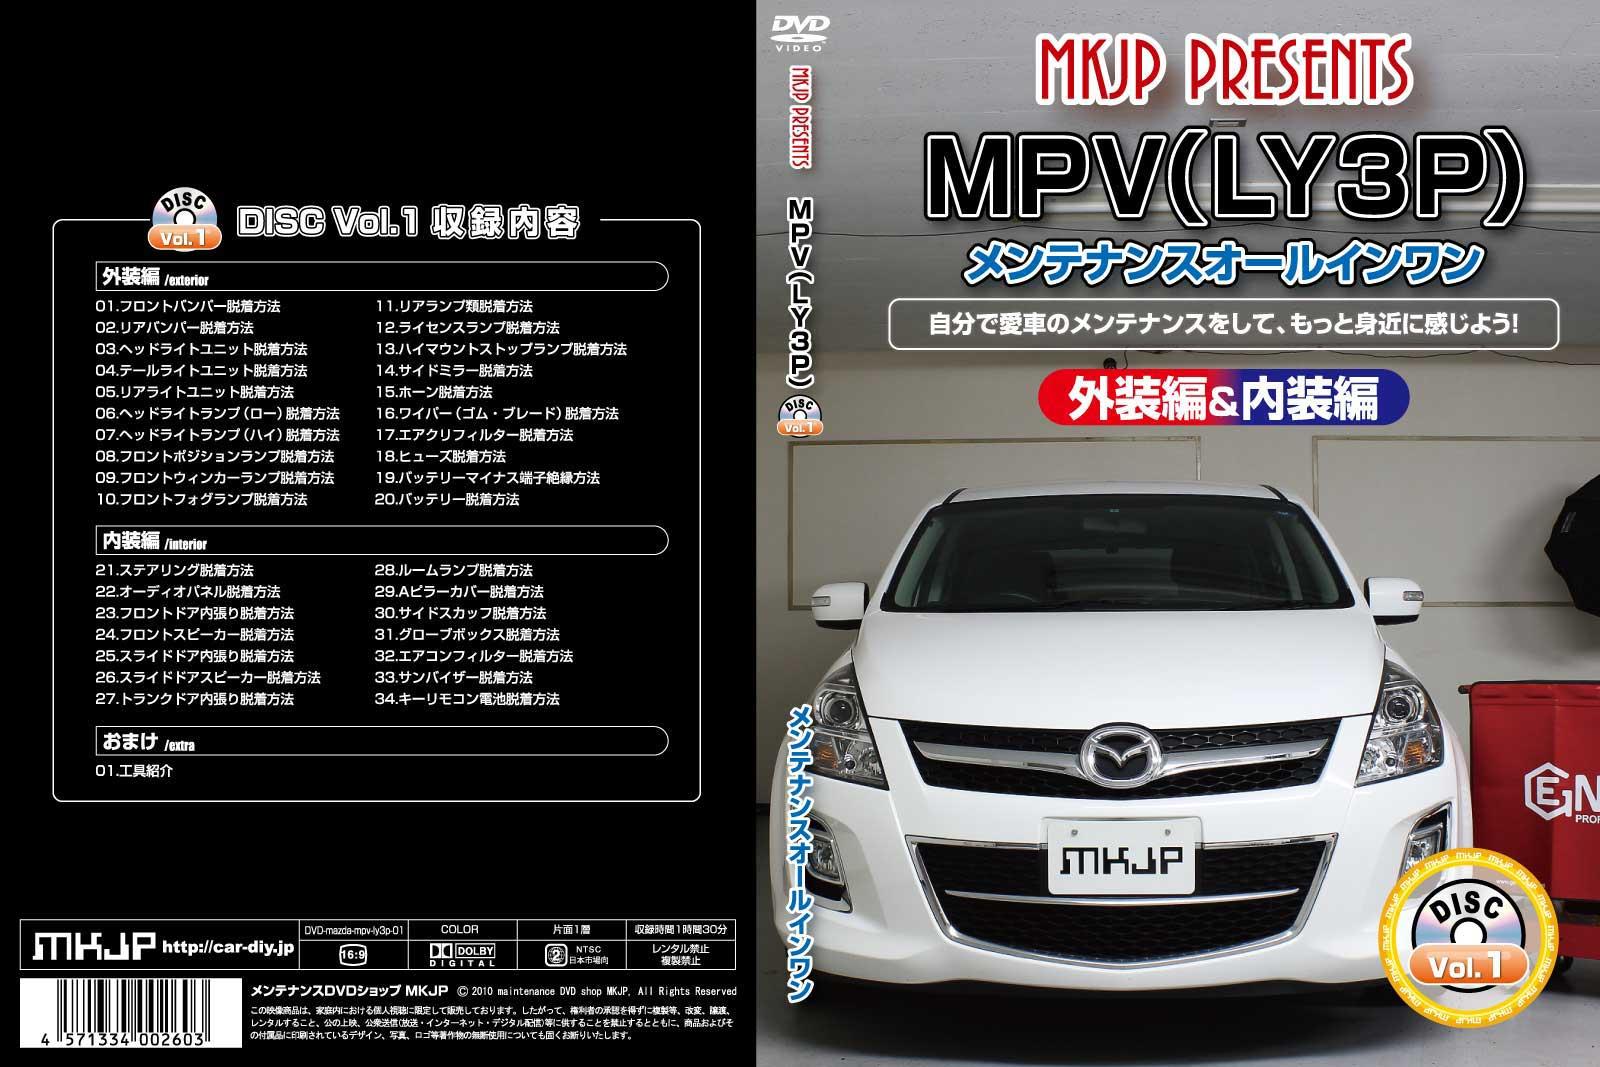 MPV LY3P 전용 멘테넌스 DVD MPV LY3P의 파트 교환에!외장편&내장편